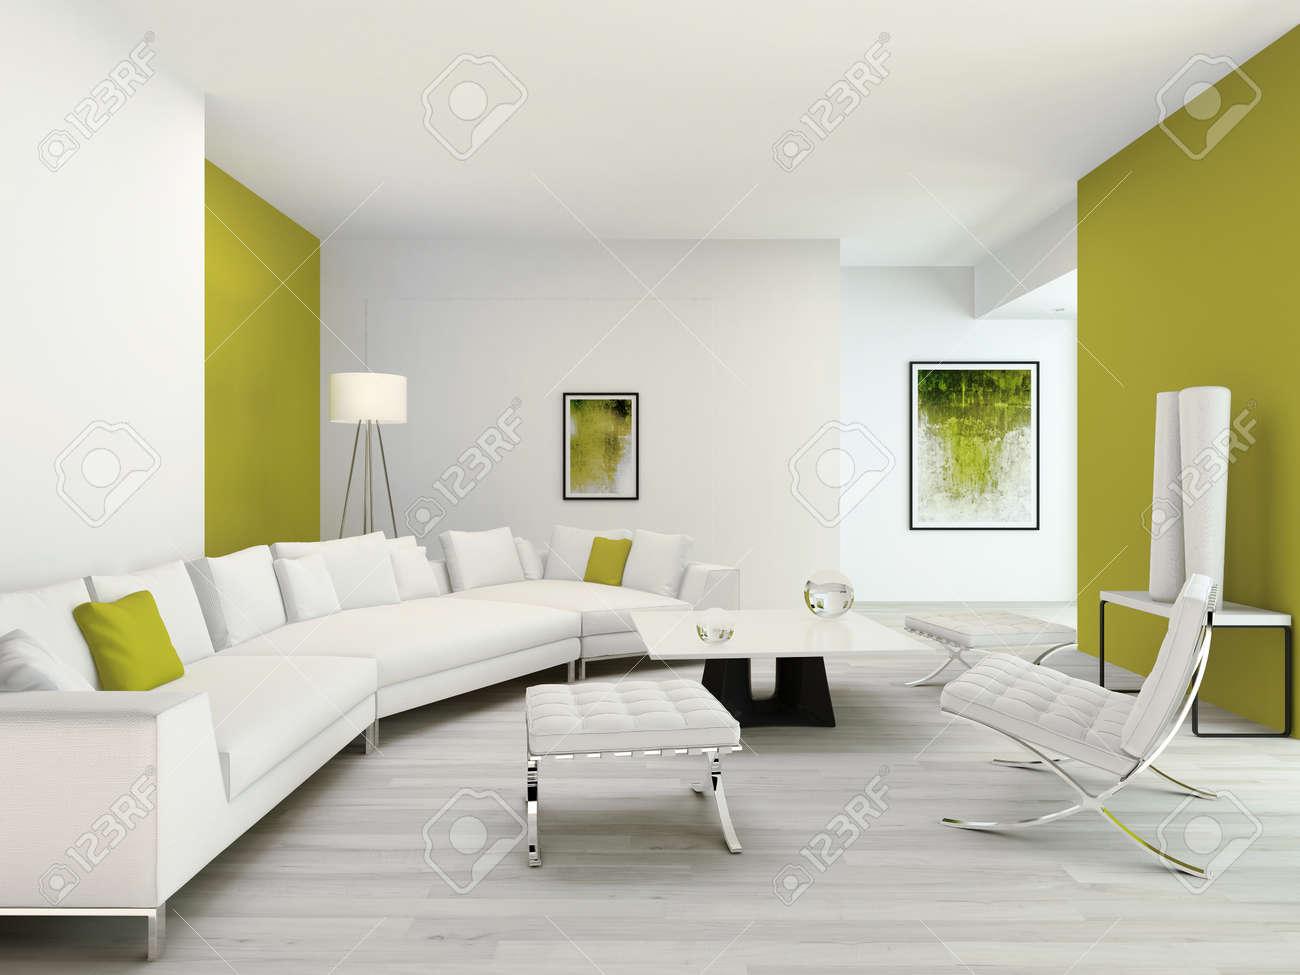 Intérieur Vert Et Blanc Pur Salon Avec Des Meubles Modernes ...